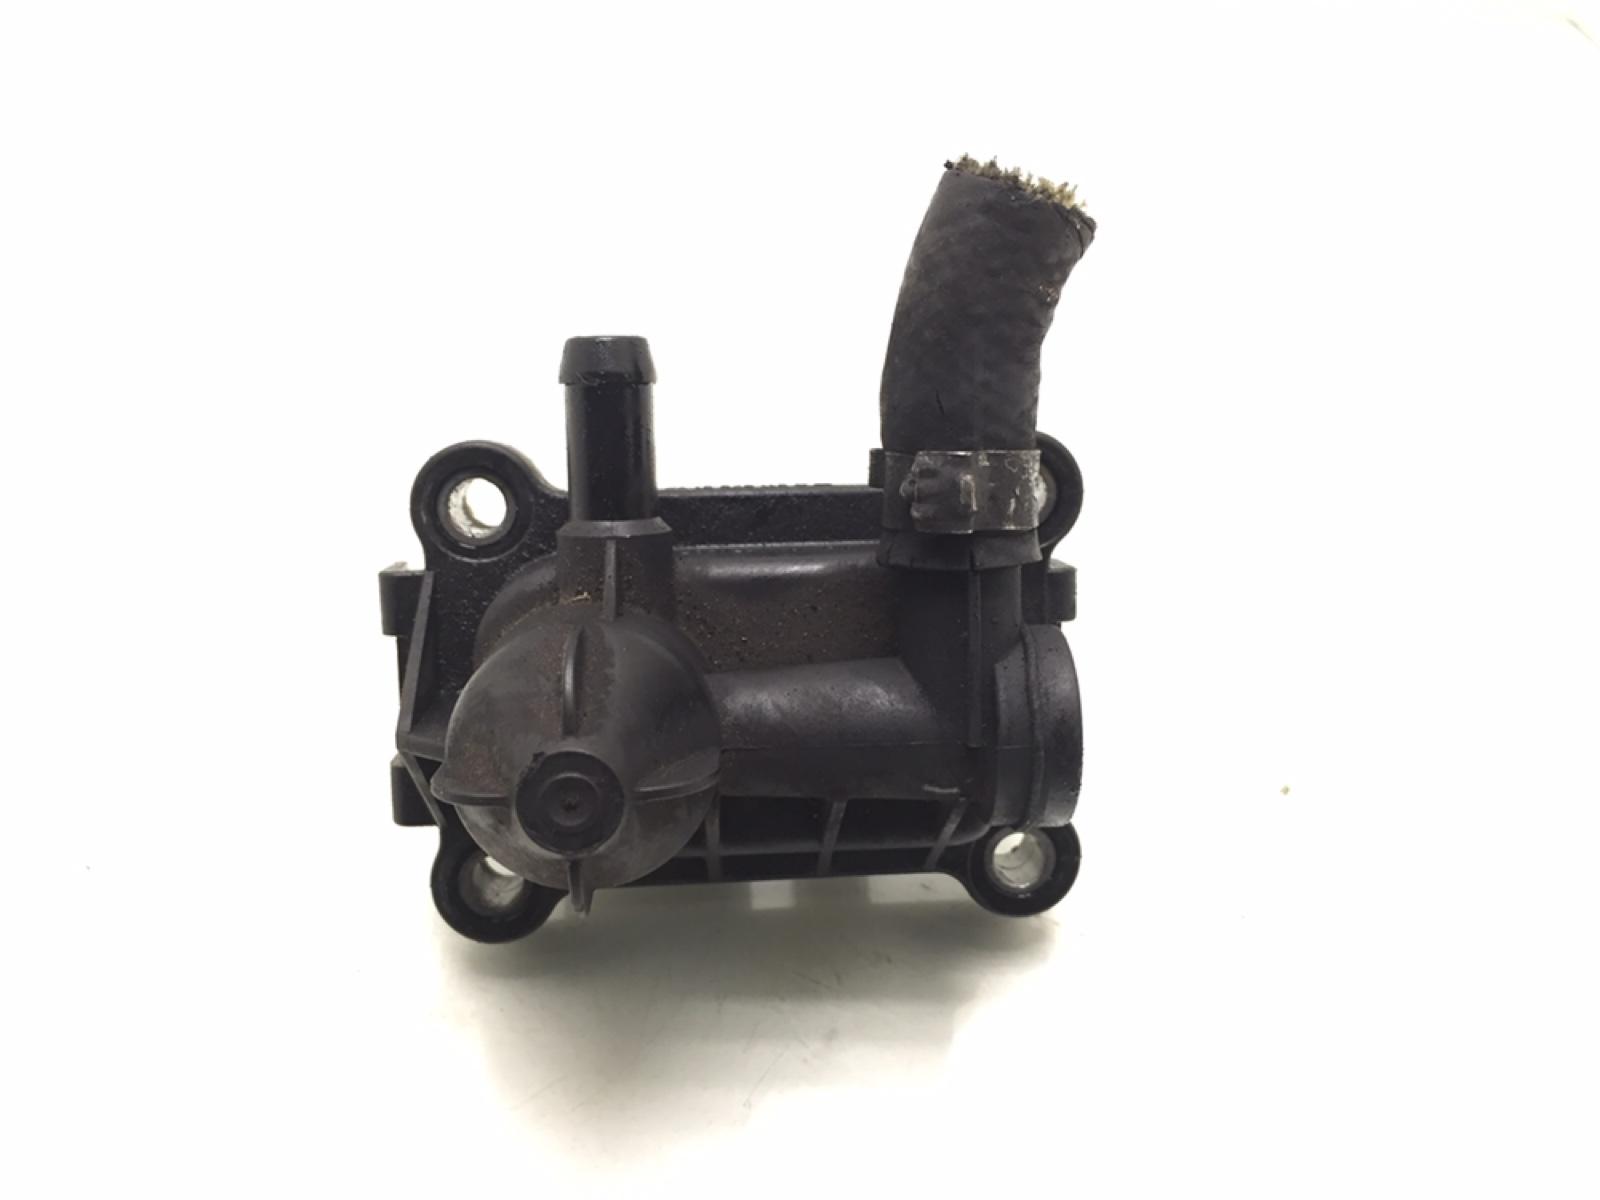 Топливный теплообменник (подогреватель топлива) Mercedes Ml W163 2.7 CDI 2001 (б/у)